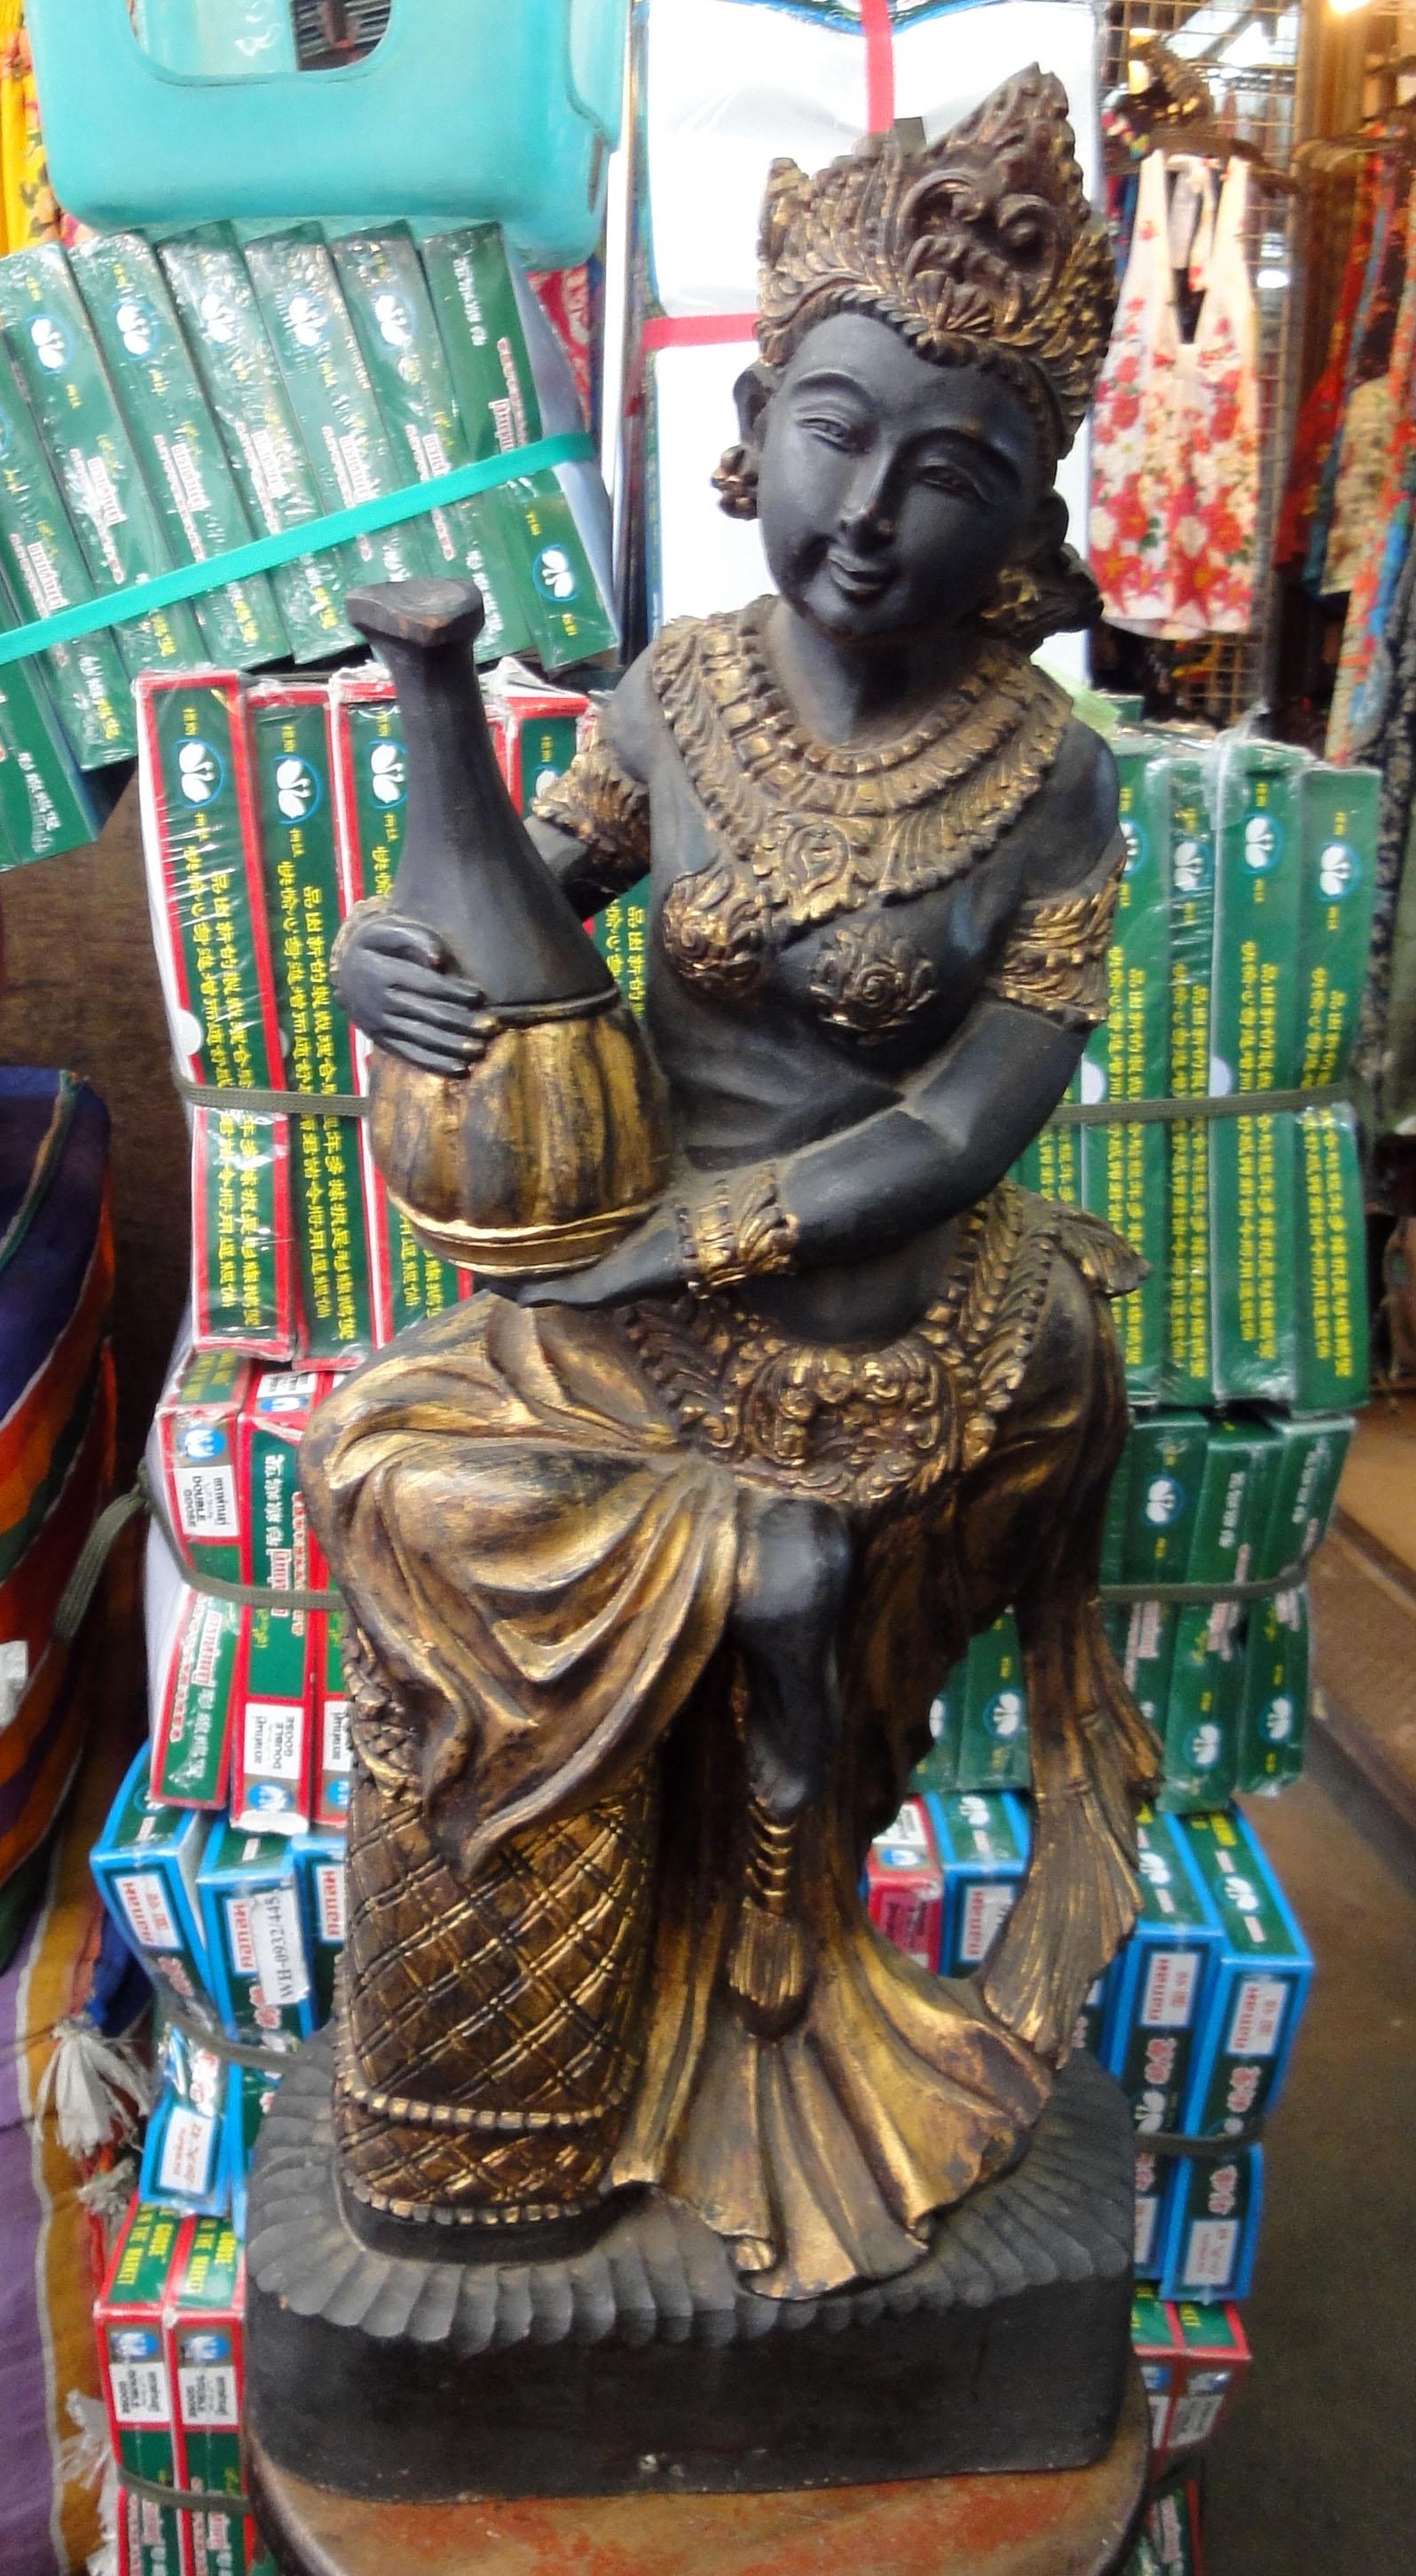 Chatuchak weekend market the Buddha trade 2010 01